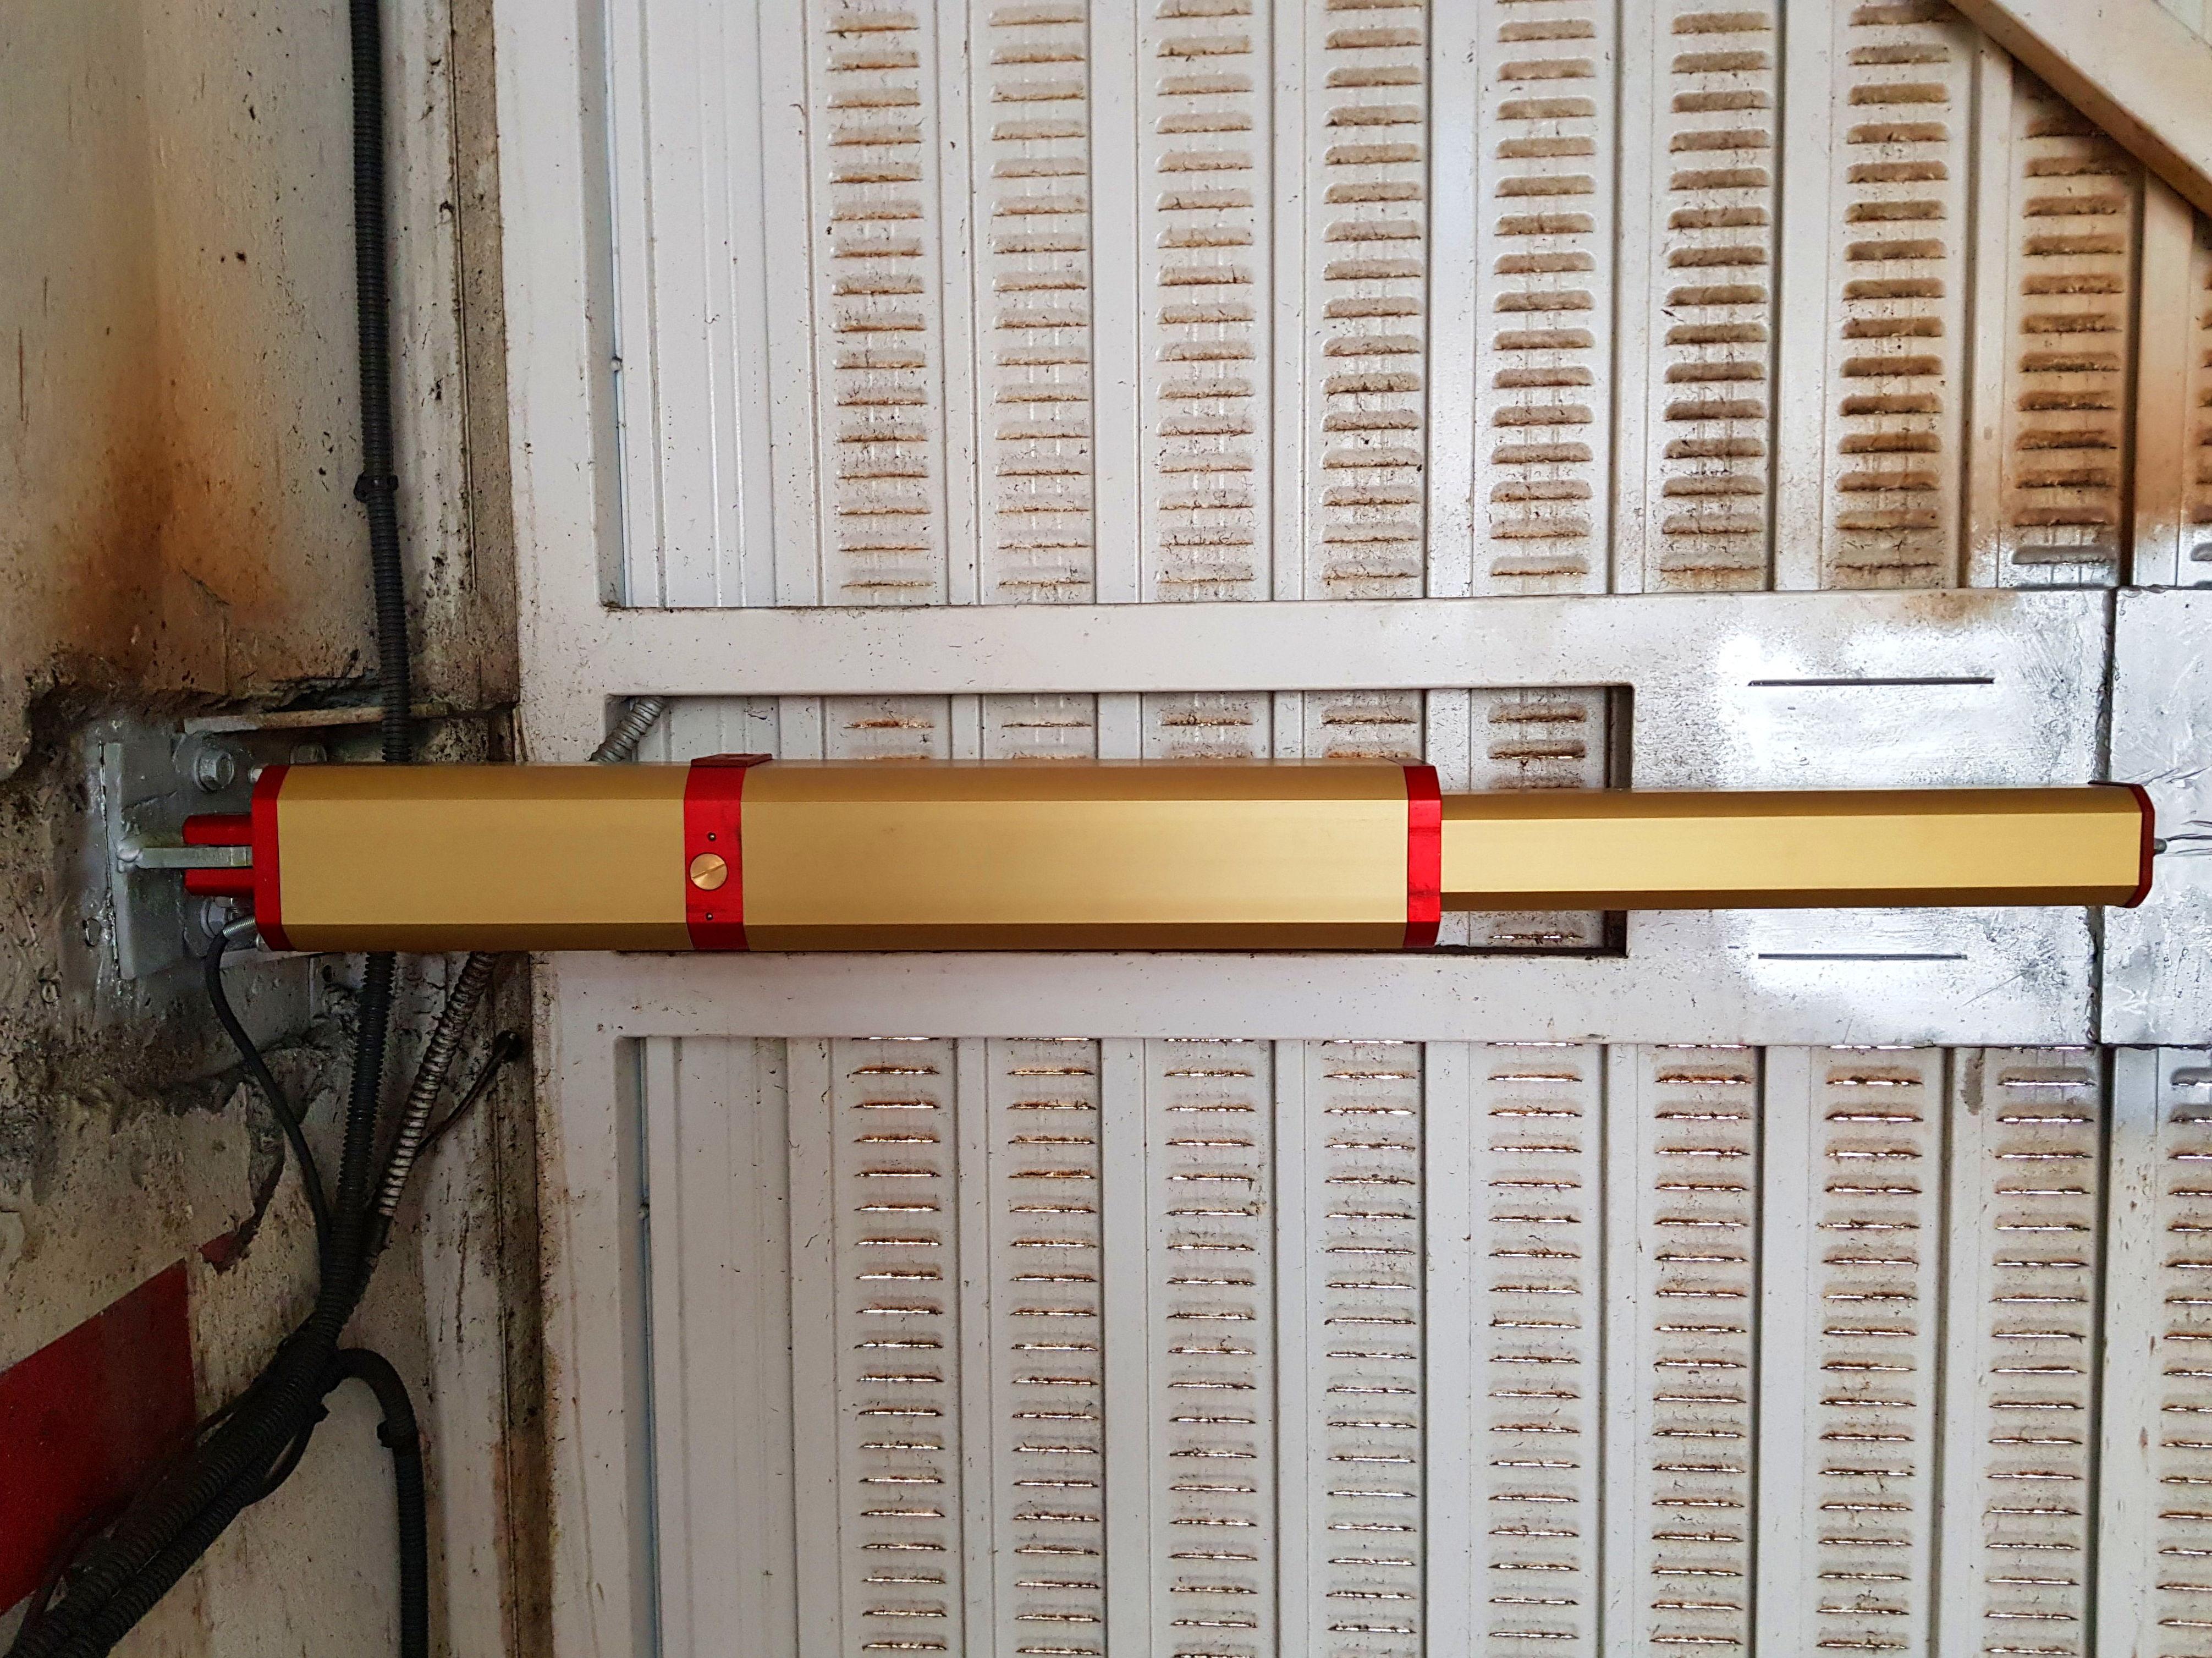 Equipo hidráulico lineal con bloqueos regulables y amortiguación hidráulica. Silencio de maniobra extremo.